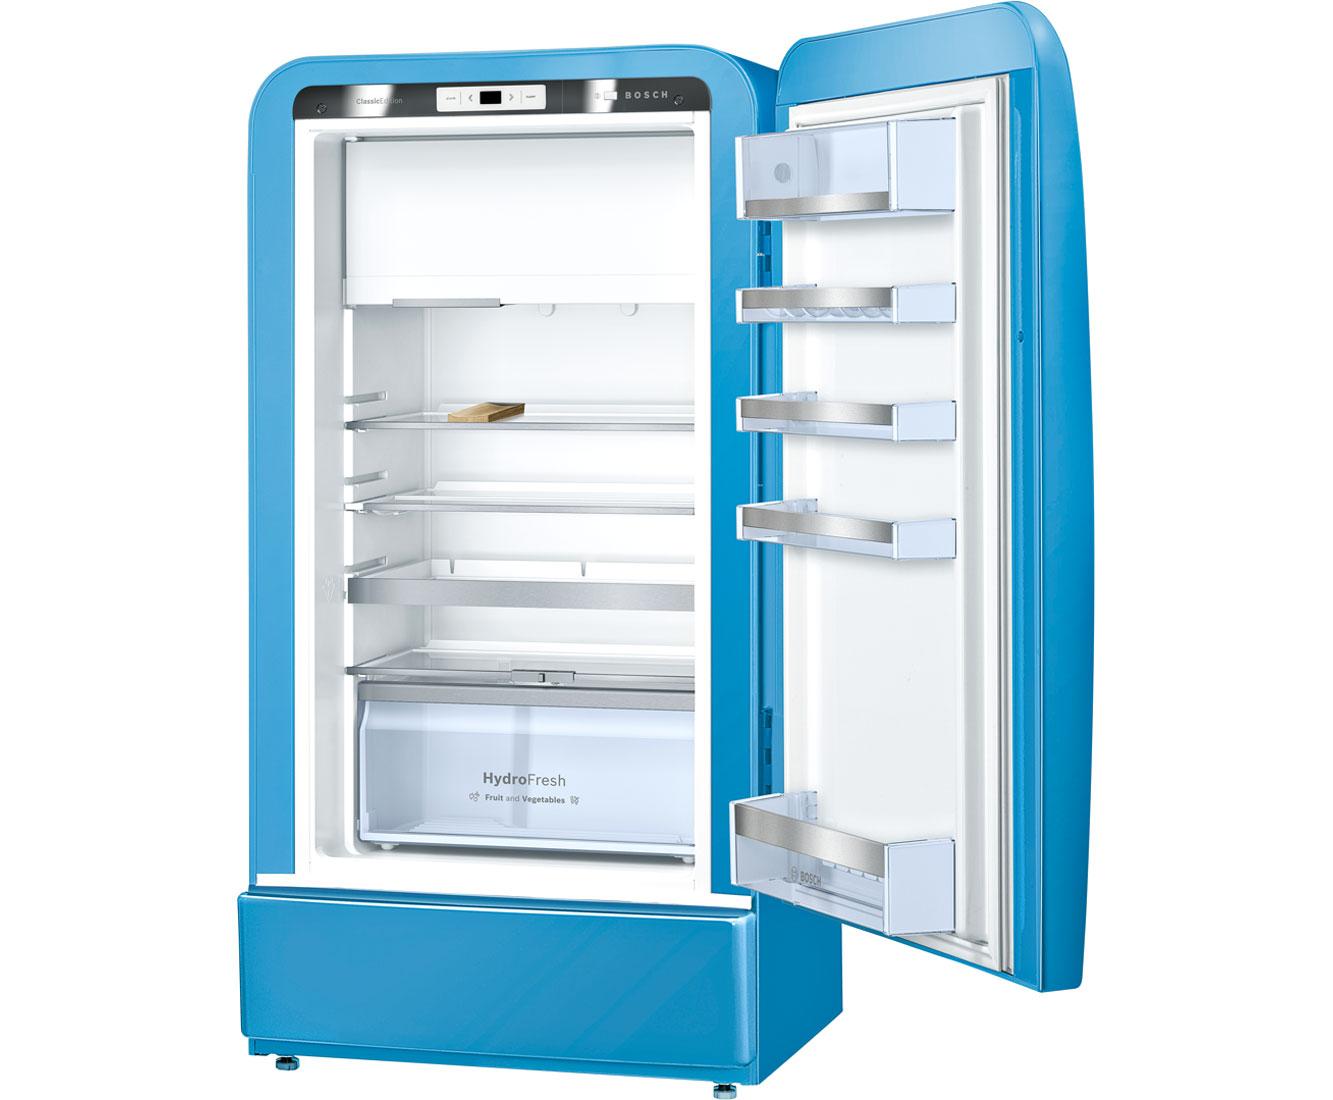 Bosch Serie 8 KSL20AU30 Kühlschrank mit Gefrierfach - Blau, Retro ...